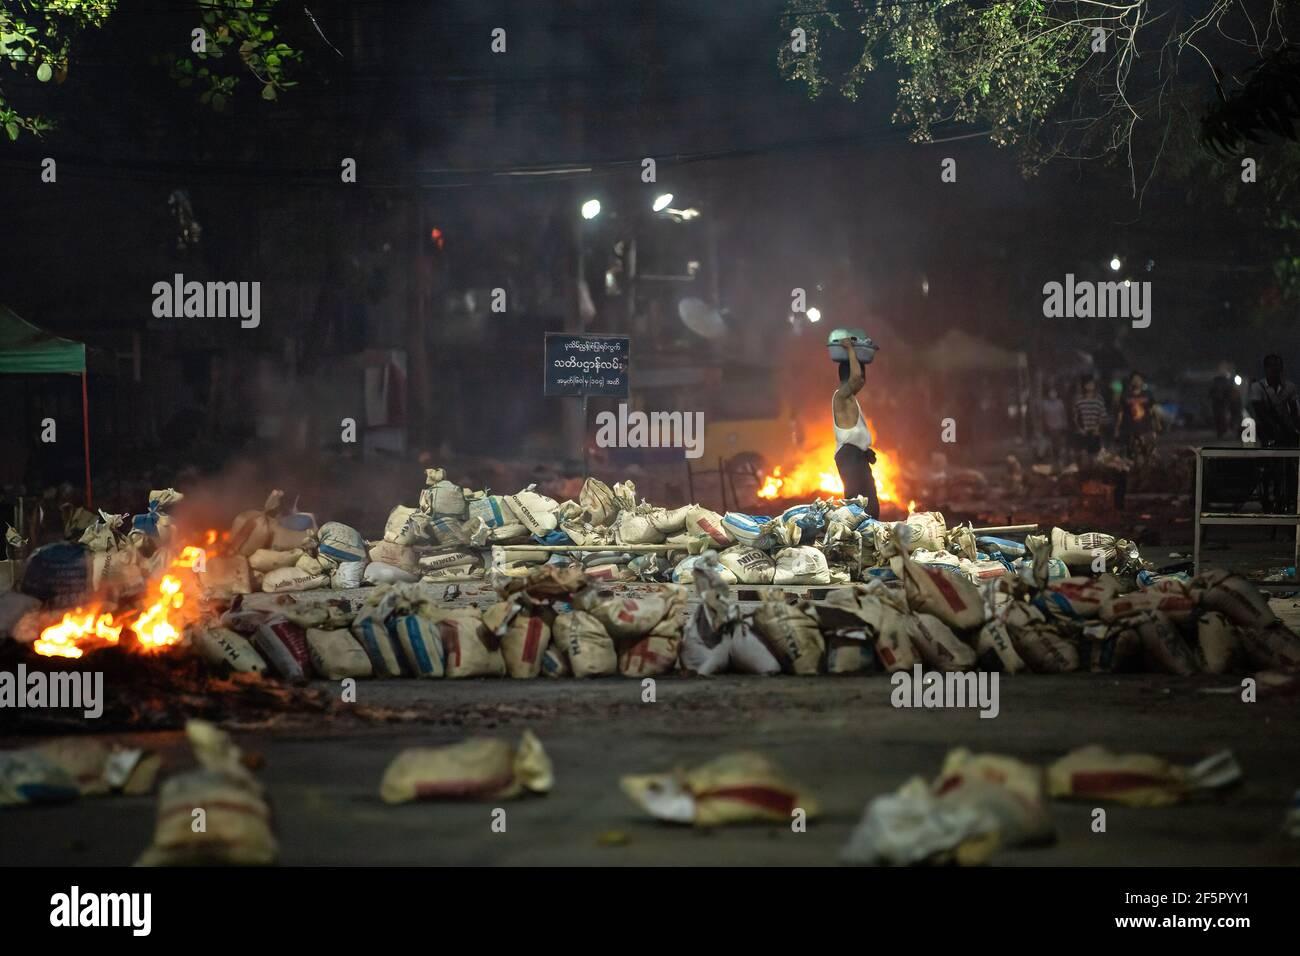 Yangon, Myanmar. 27 mars 2021. Des sacs ont été pilés en tant que barricades pendant la démonstration. L'armée birmane attaque les manifestants avec des balles en caoutchouc, des munitions réelles, des gaz lacrymogènes et des bombes sonores en réponse. Le nombre de morts pour aujourd'hui est de 144 et le plus élevé depuis le coup d'État militaire du 1er février. (Photo de Theint mon SOE/SOPA Images/Sipa USA) Credit: SIPA USA/Alay Live News Banque D'Images